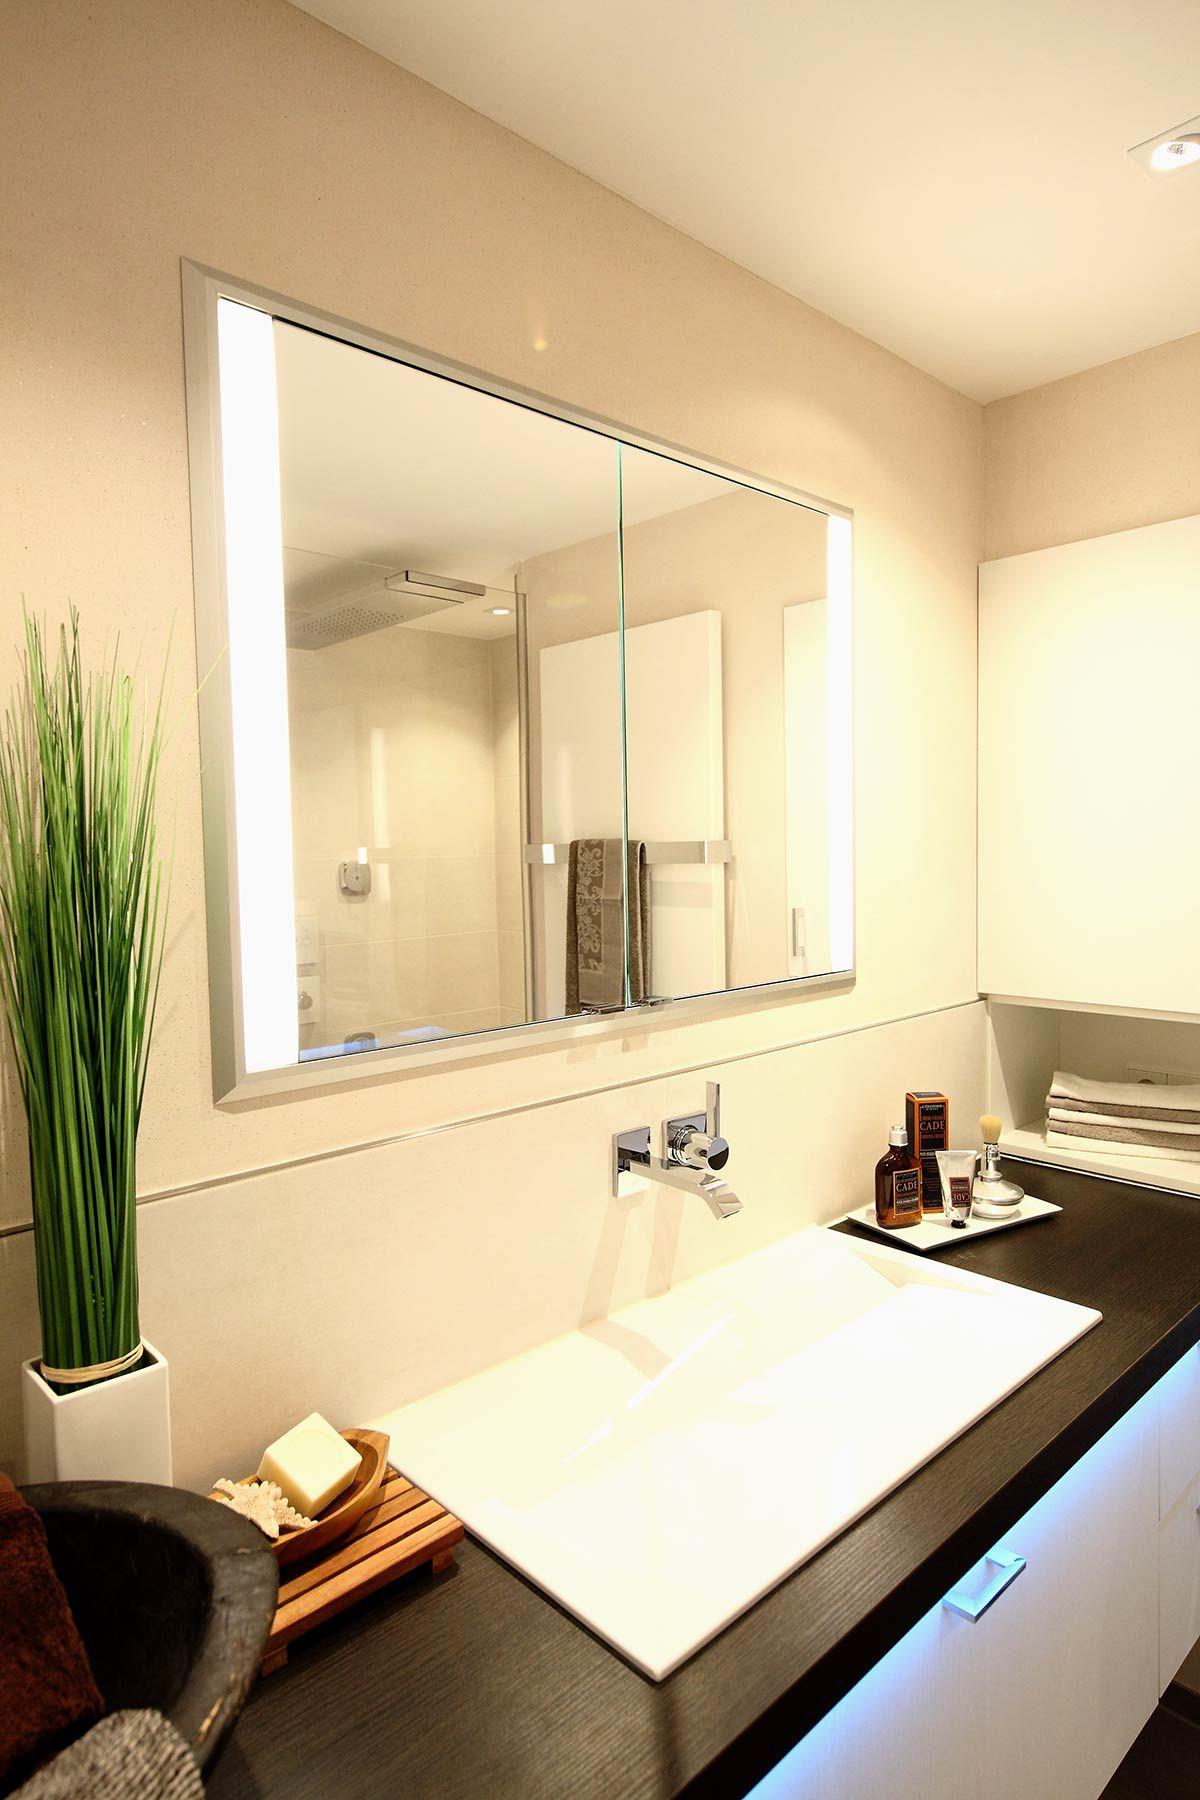 Heimwohl Badezimmer Spiegelschrank Badezimmer Badezimmer Spiegelschrank